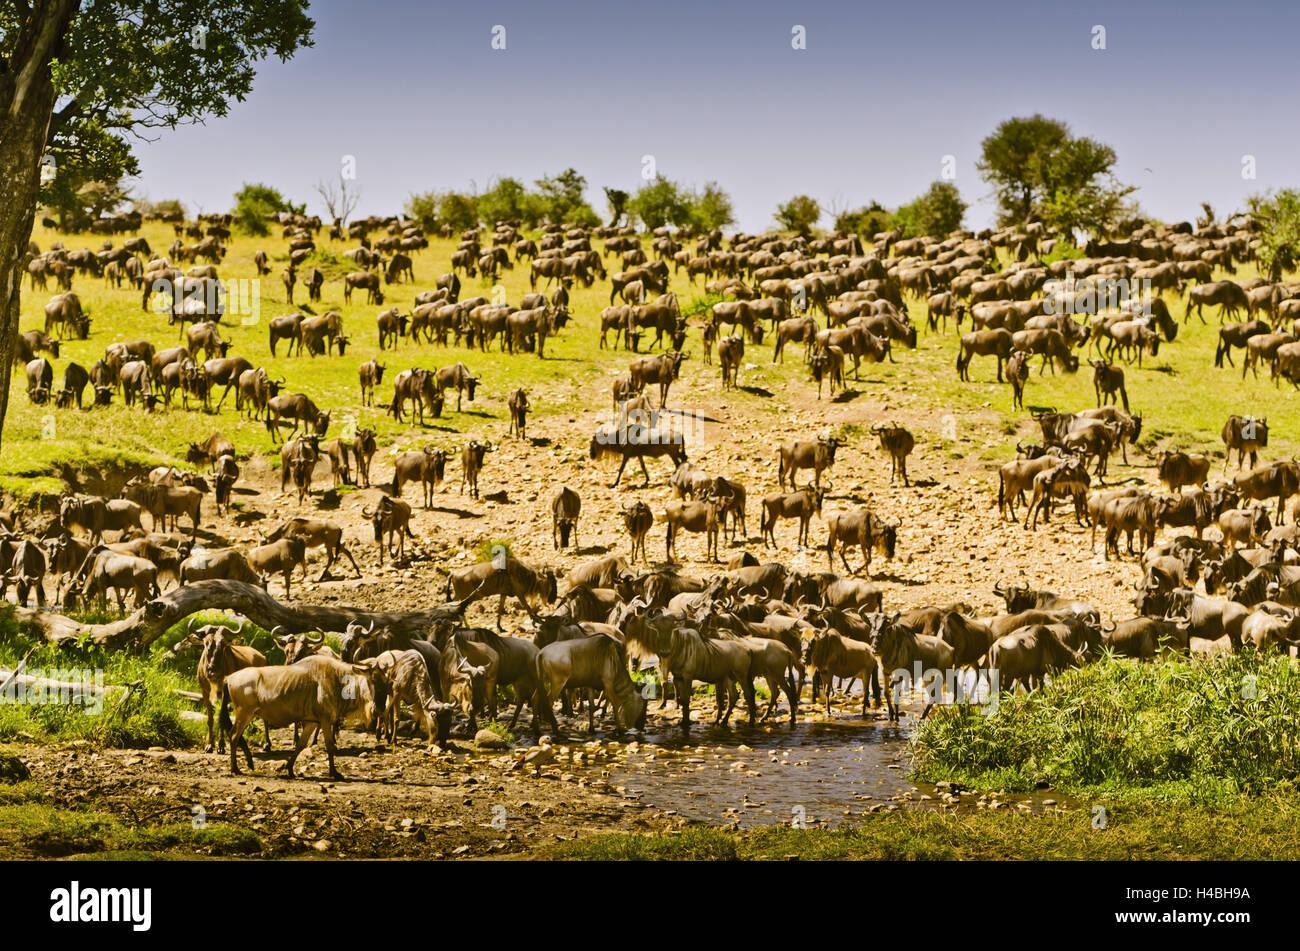 Afrika, Ostafrika, Tansania, Serengeti, Tierwelt, Gnus, Stockbild